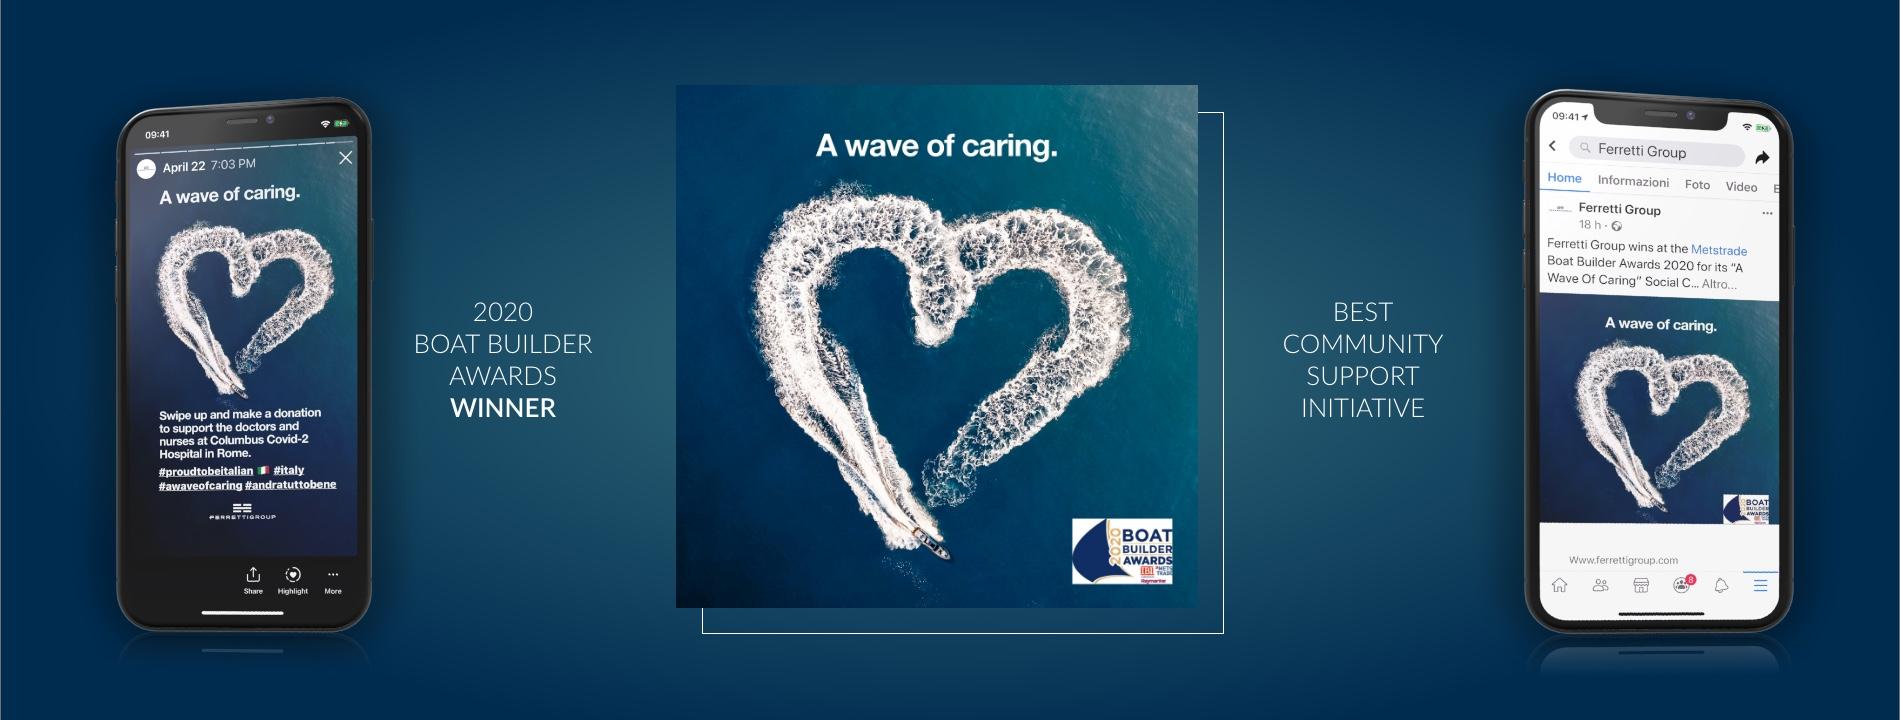 """Ferretti Group premiata ai Boat Builder Award 2020 per la campagna sociale """"A Wave Of Caring"""" ideata da Arachno."""